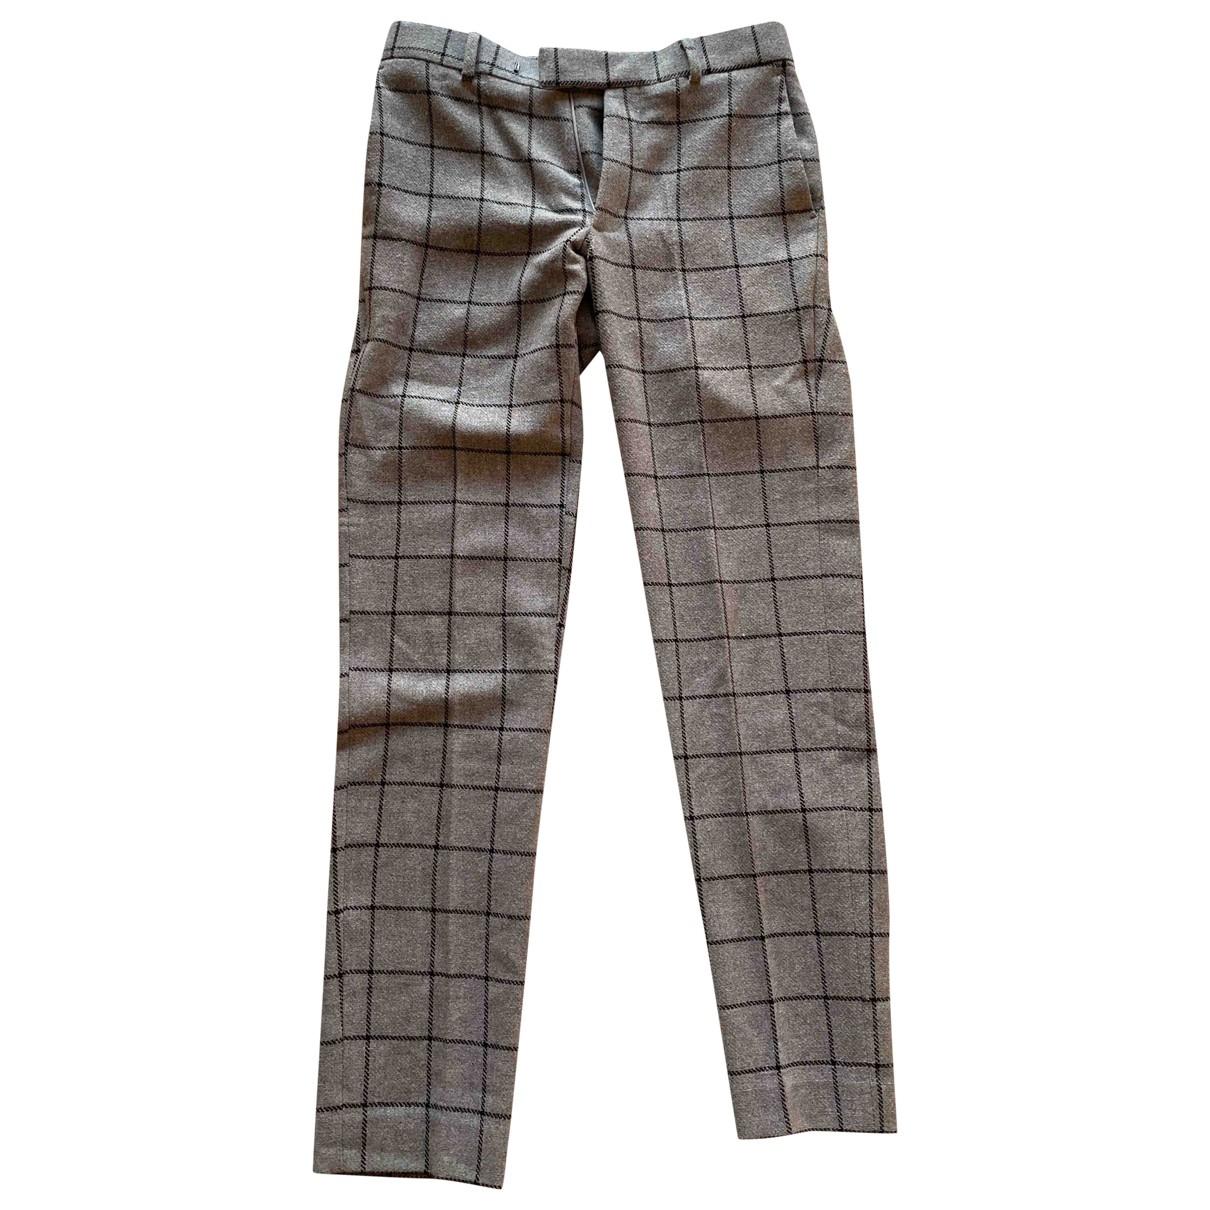 Asos \N Grey Trousers for Men 28 UK - US